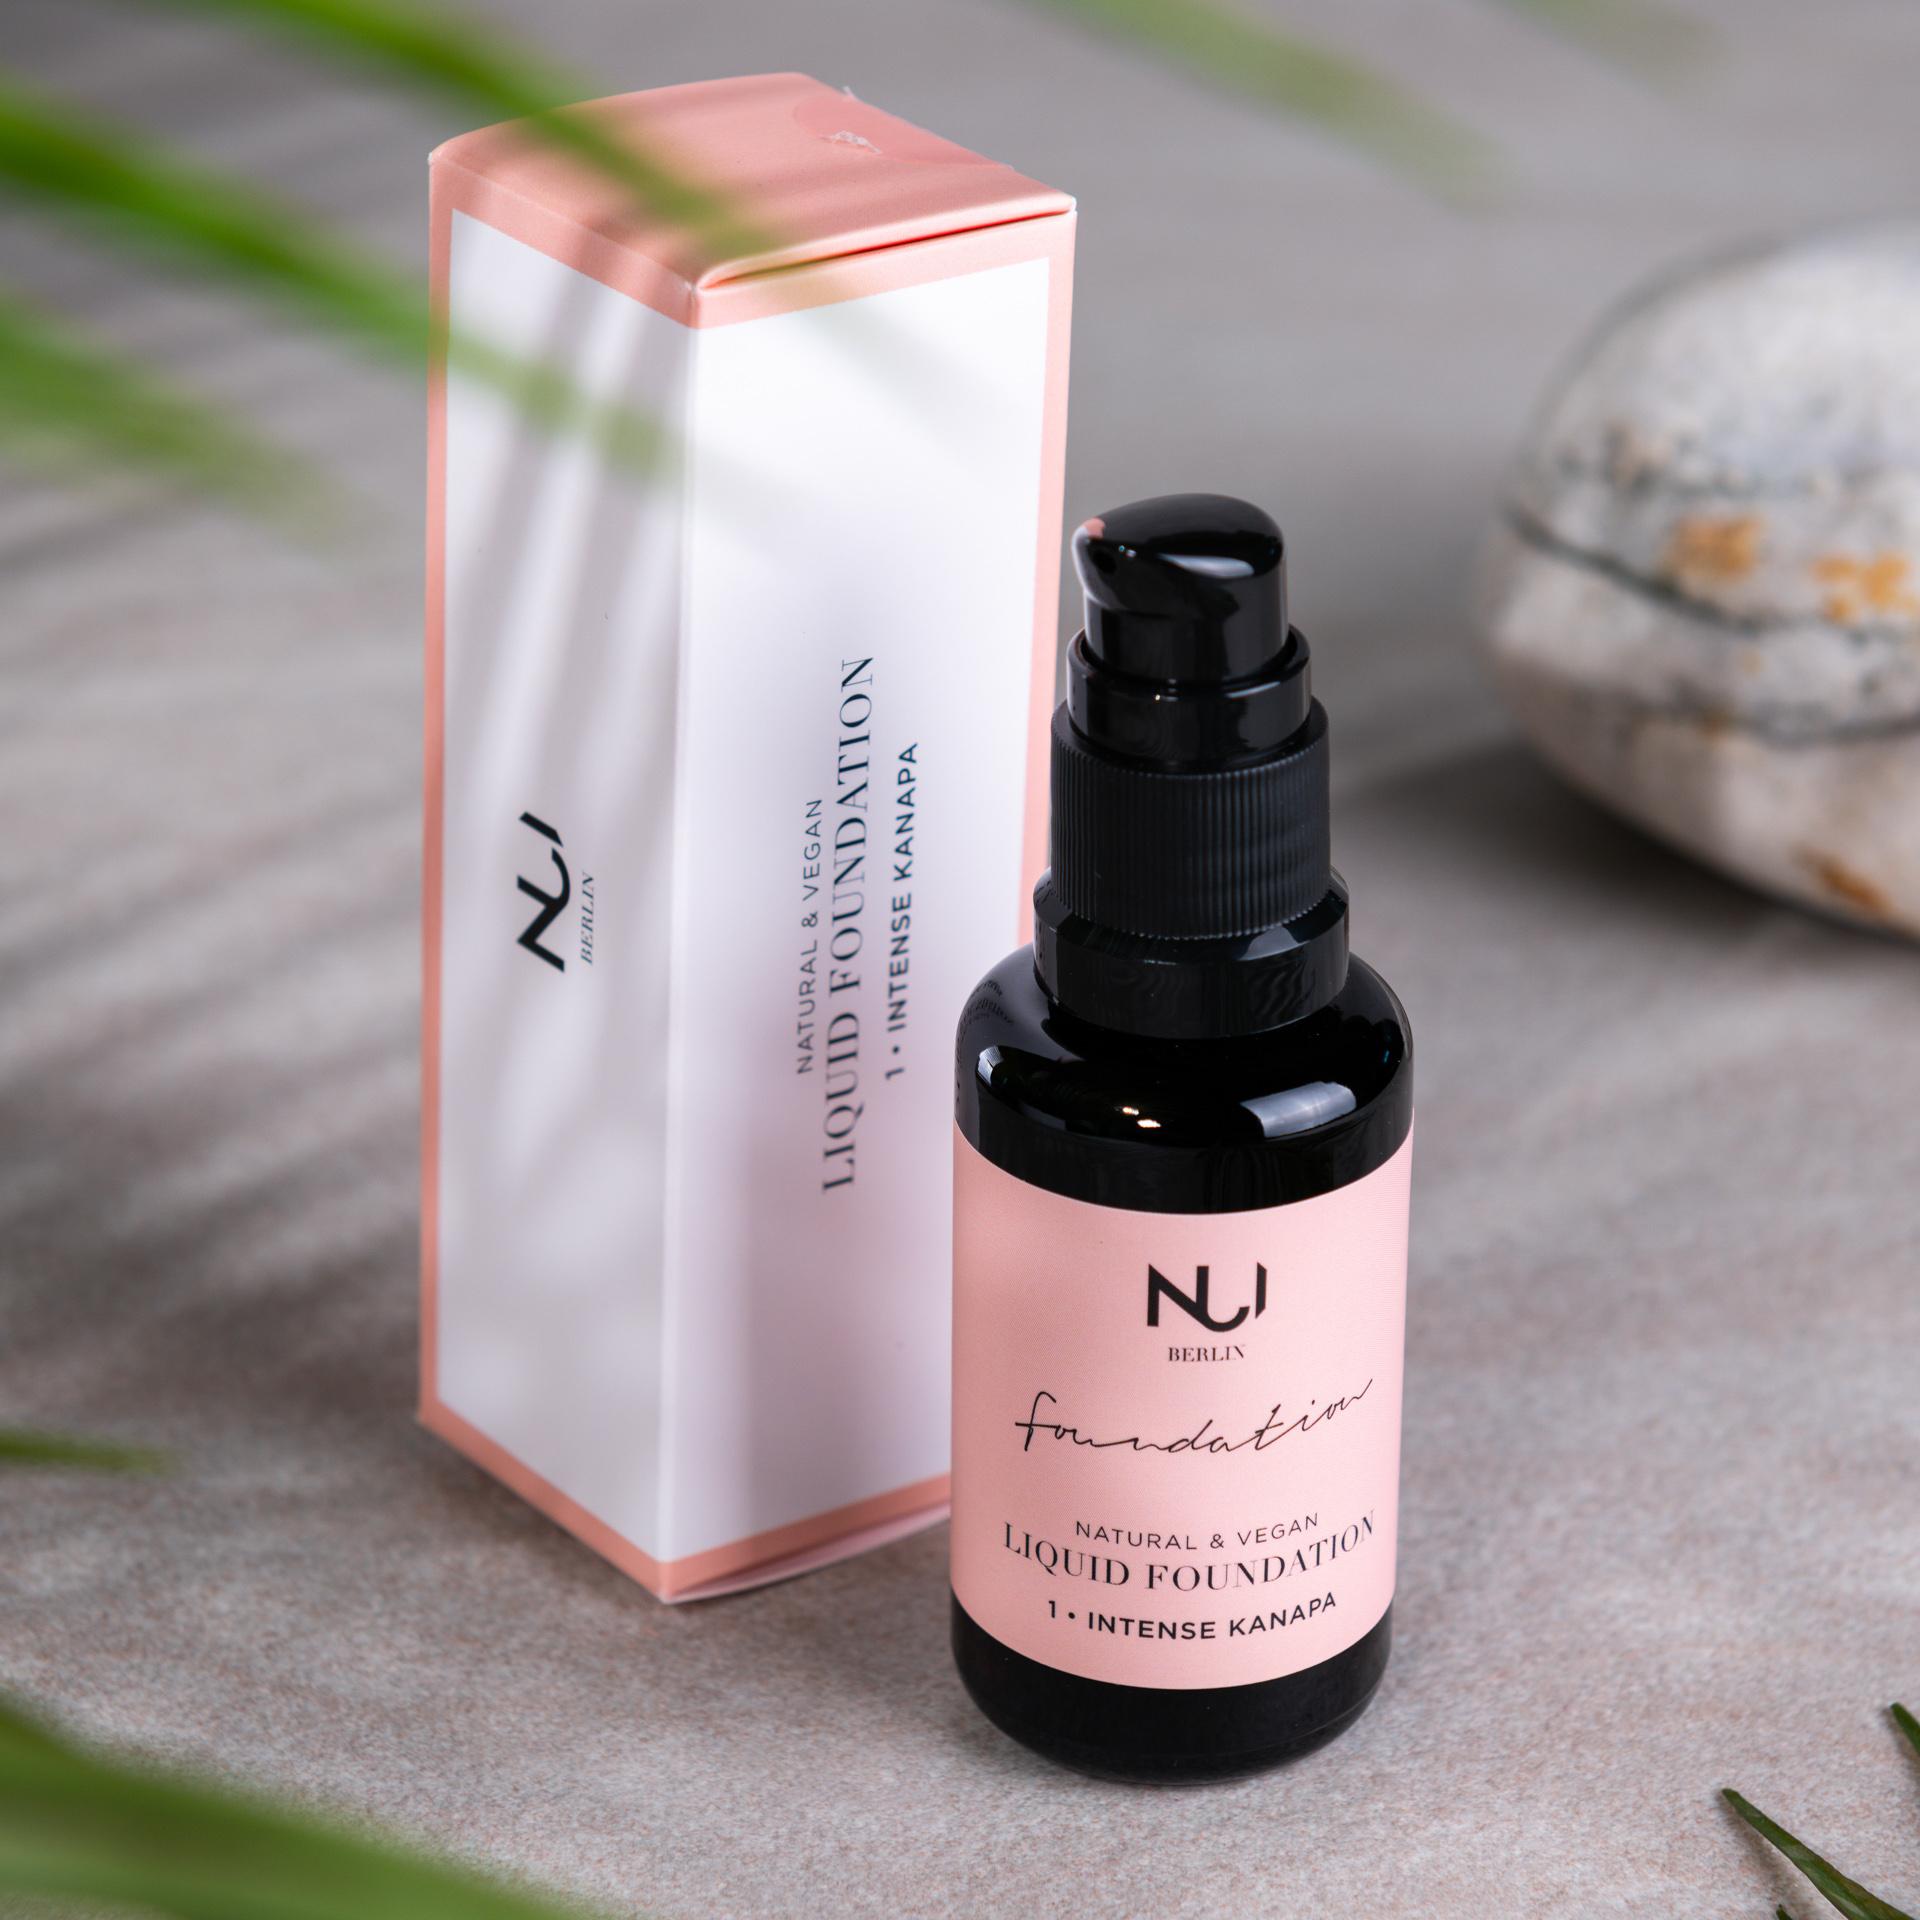 NUI Natural Liquid Foundation 01 INTENSE KANAPA